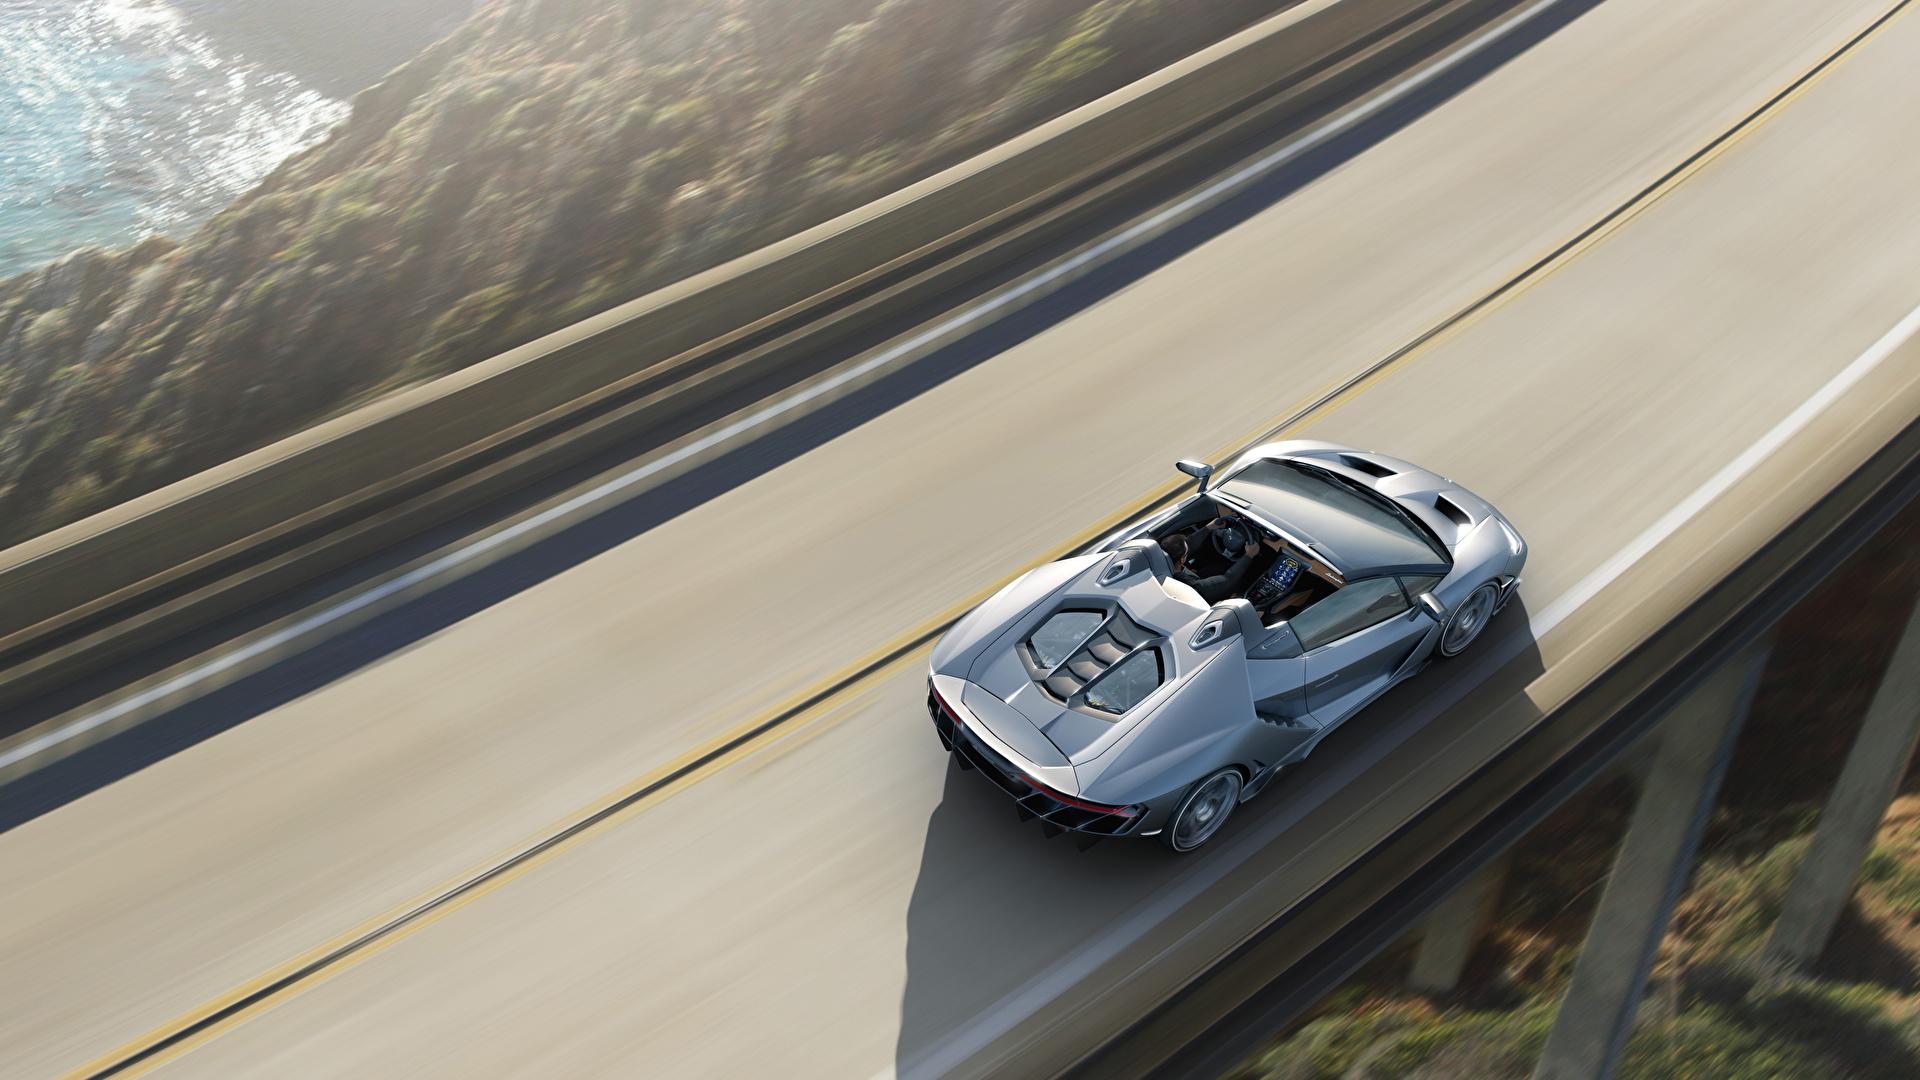 Фотография Ламборгини Centenario Roadster Родстер Движение машина Сверху 1920x1080 Lamborghini едет едущий едущая скорость авто машины автомобиль Автомобили